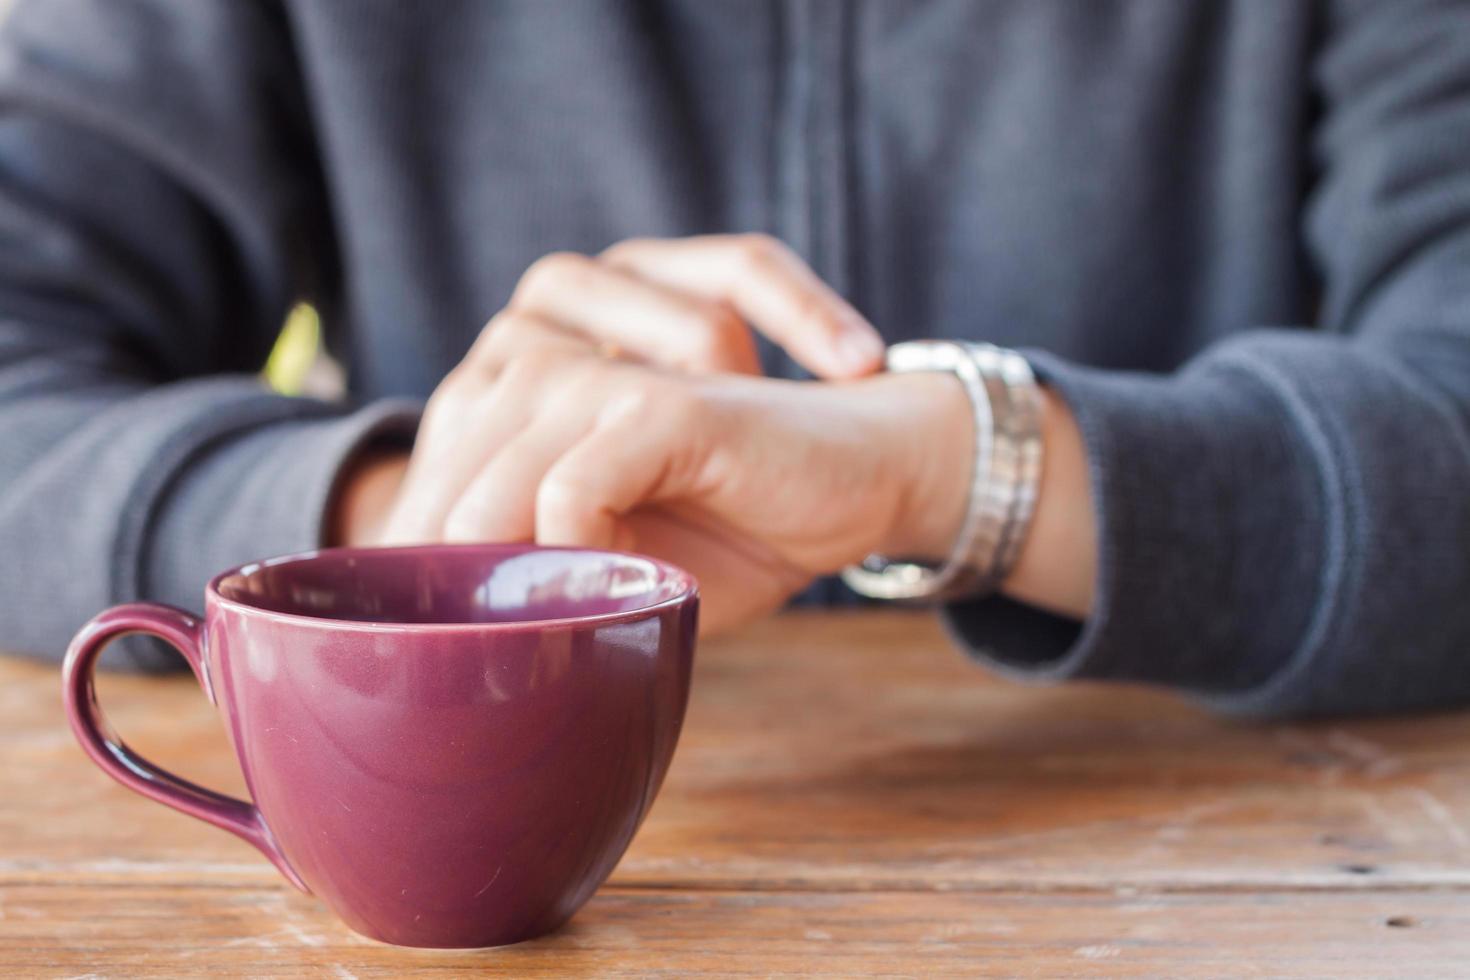 pessoa verificando as horas com uma xícara de café foto